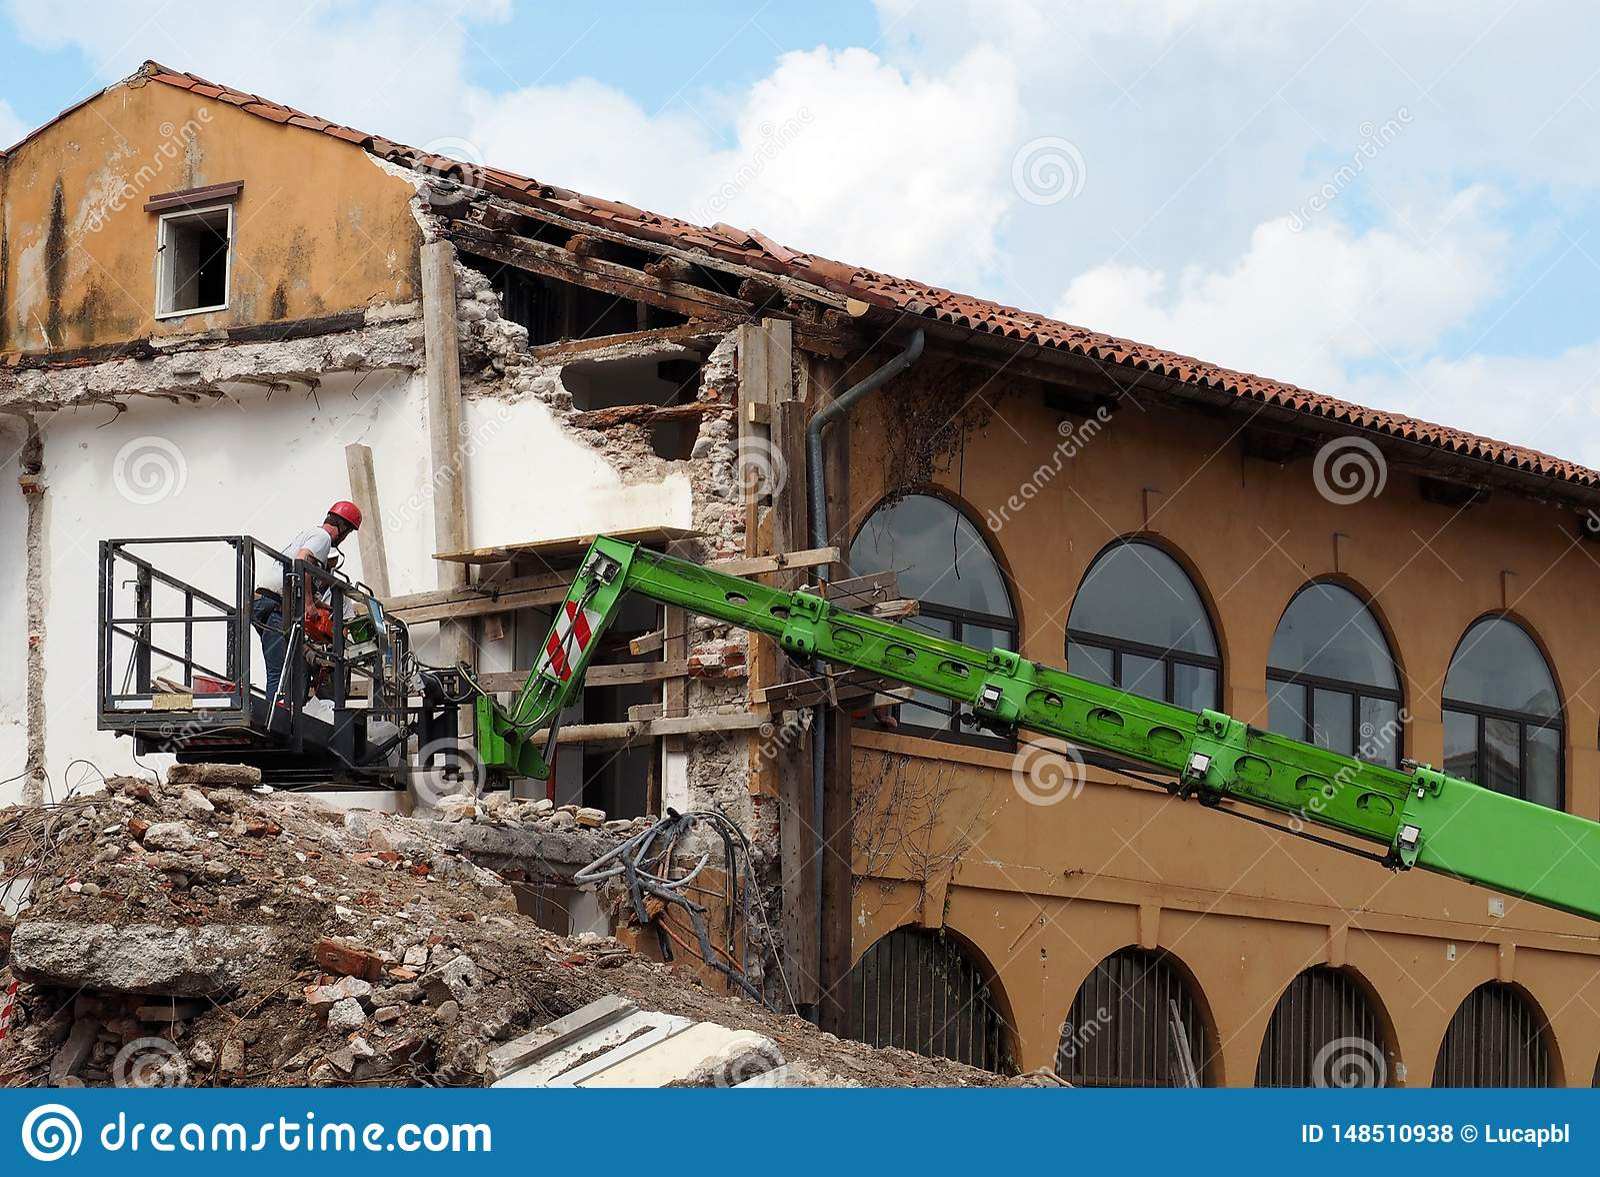 Arbeitskräfte auf einem Kirschpflücker bei der Arbeit während der Erneuerung eines teilweise demolierten Gebäudes